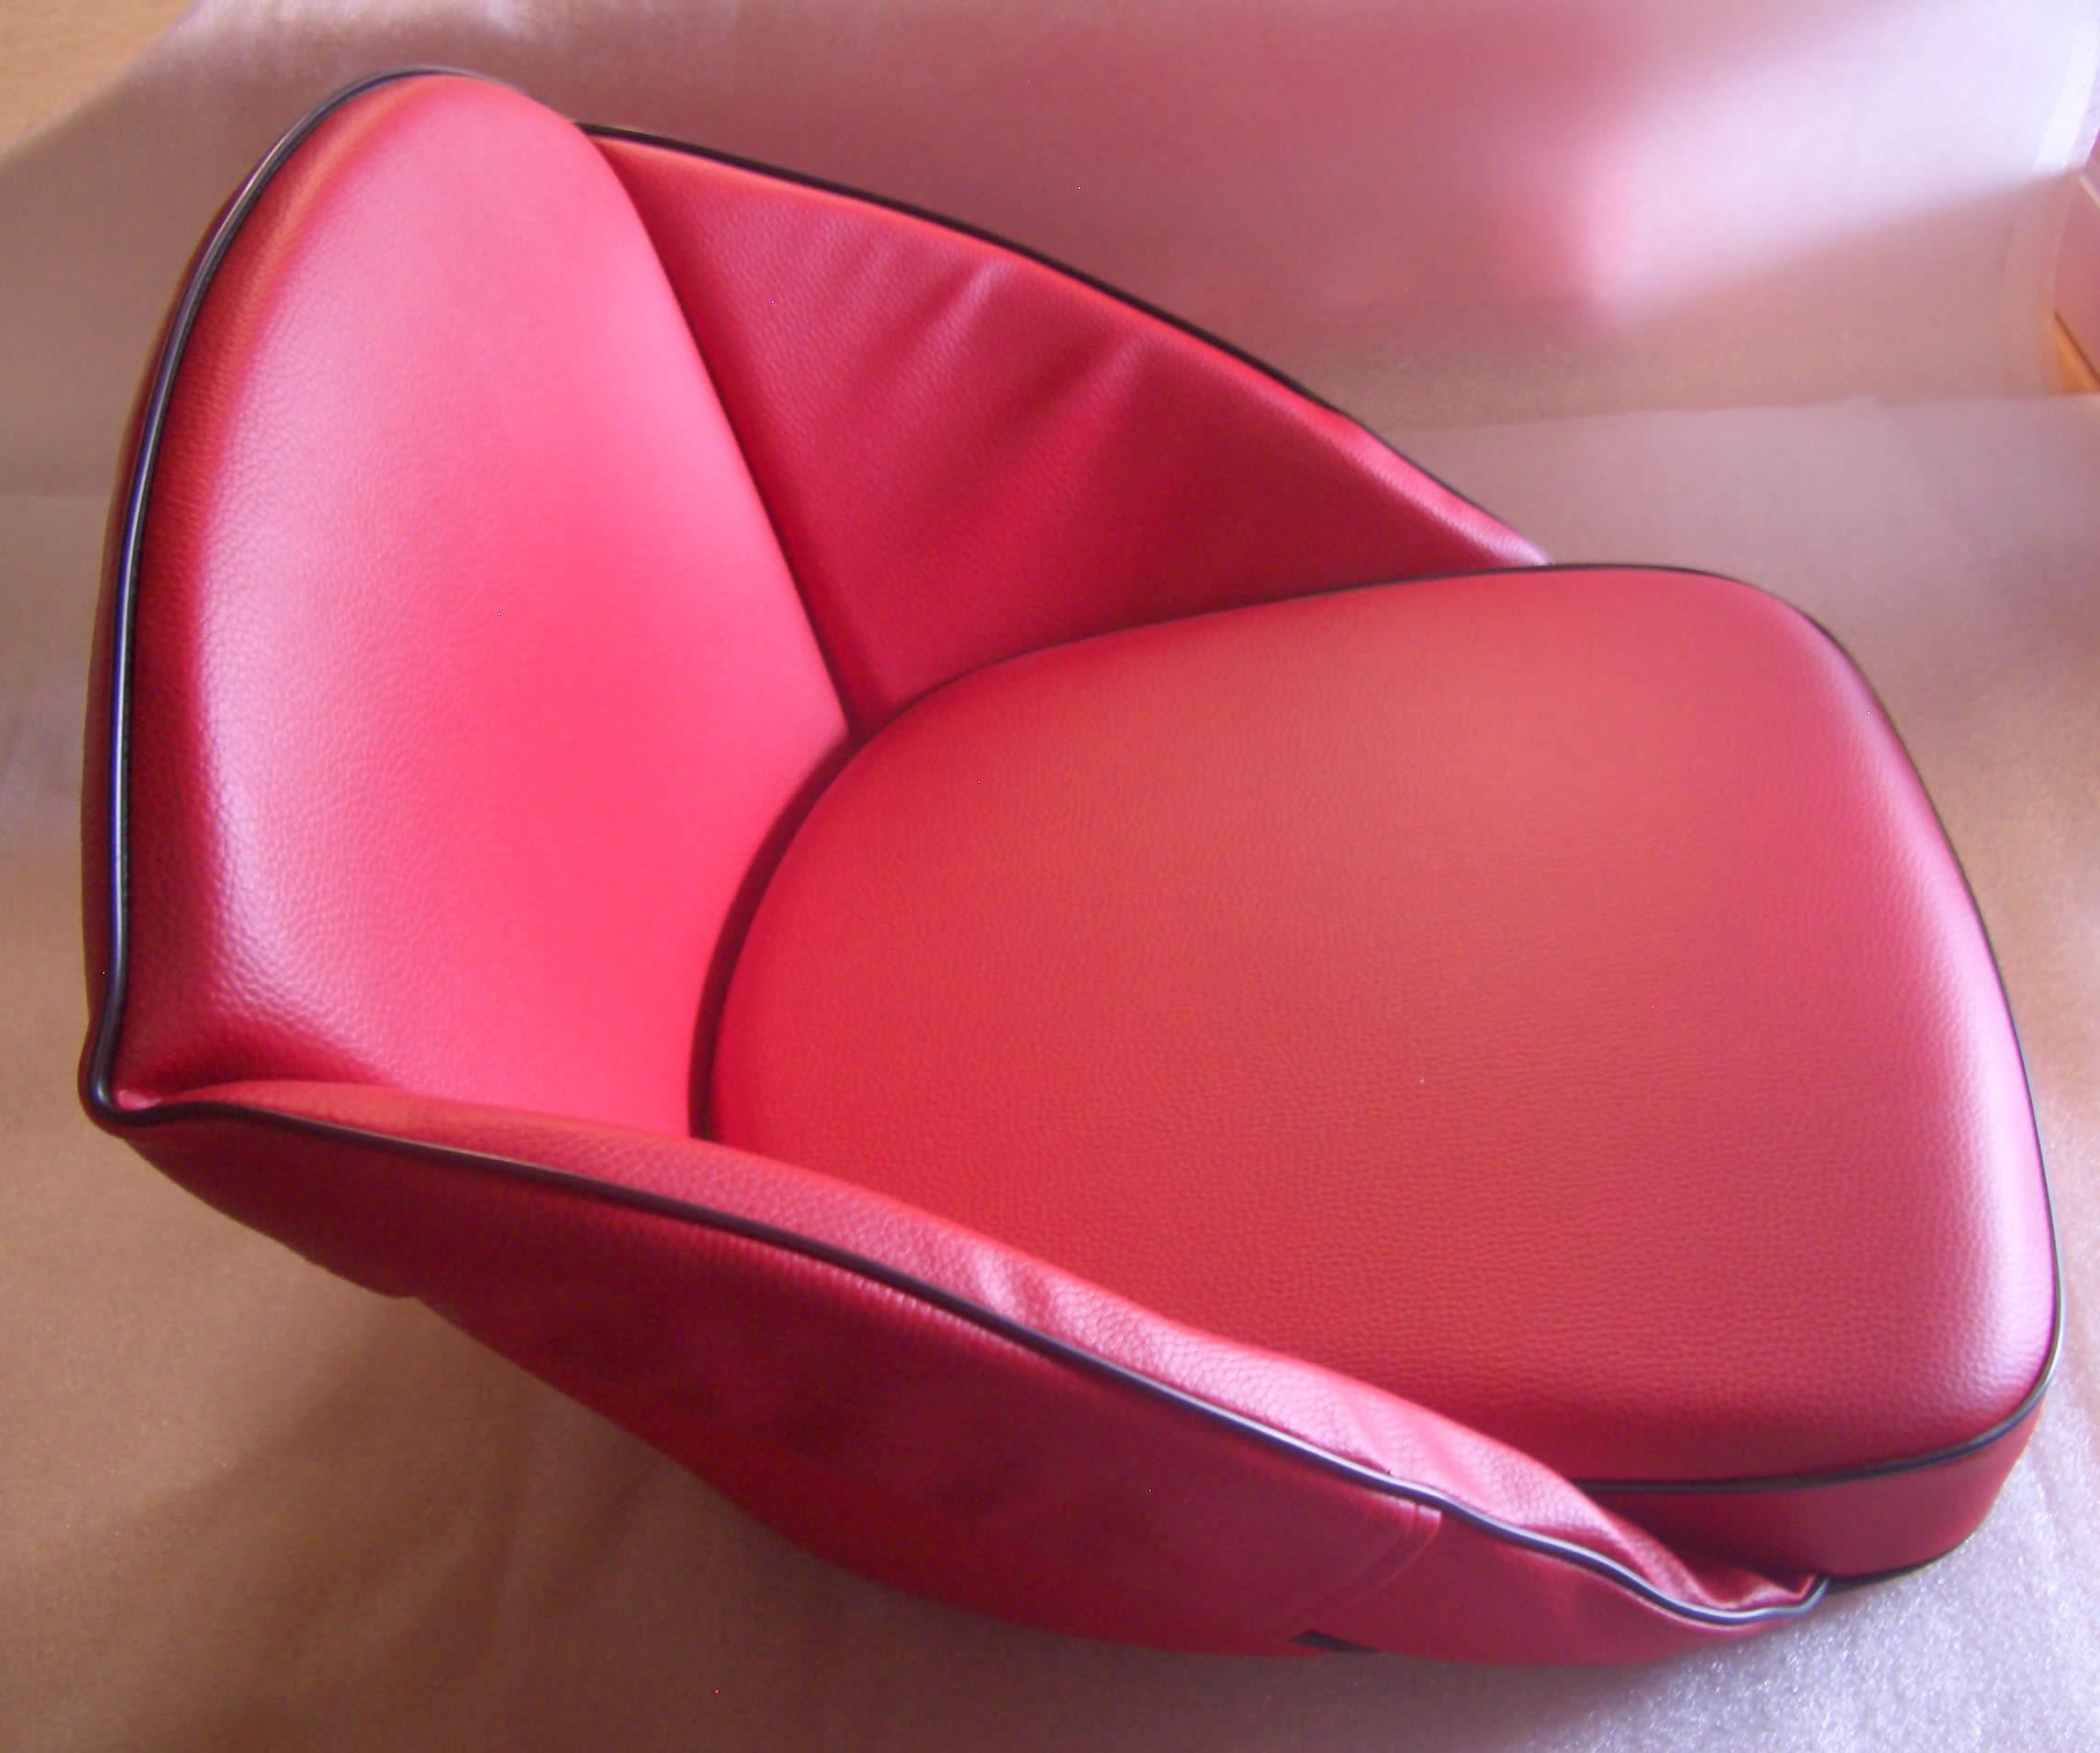 oldtimer jehle traktor sitzkissen hochlehner rot. Black Bedroom Furniture Sets. Home Design Ideas